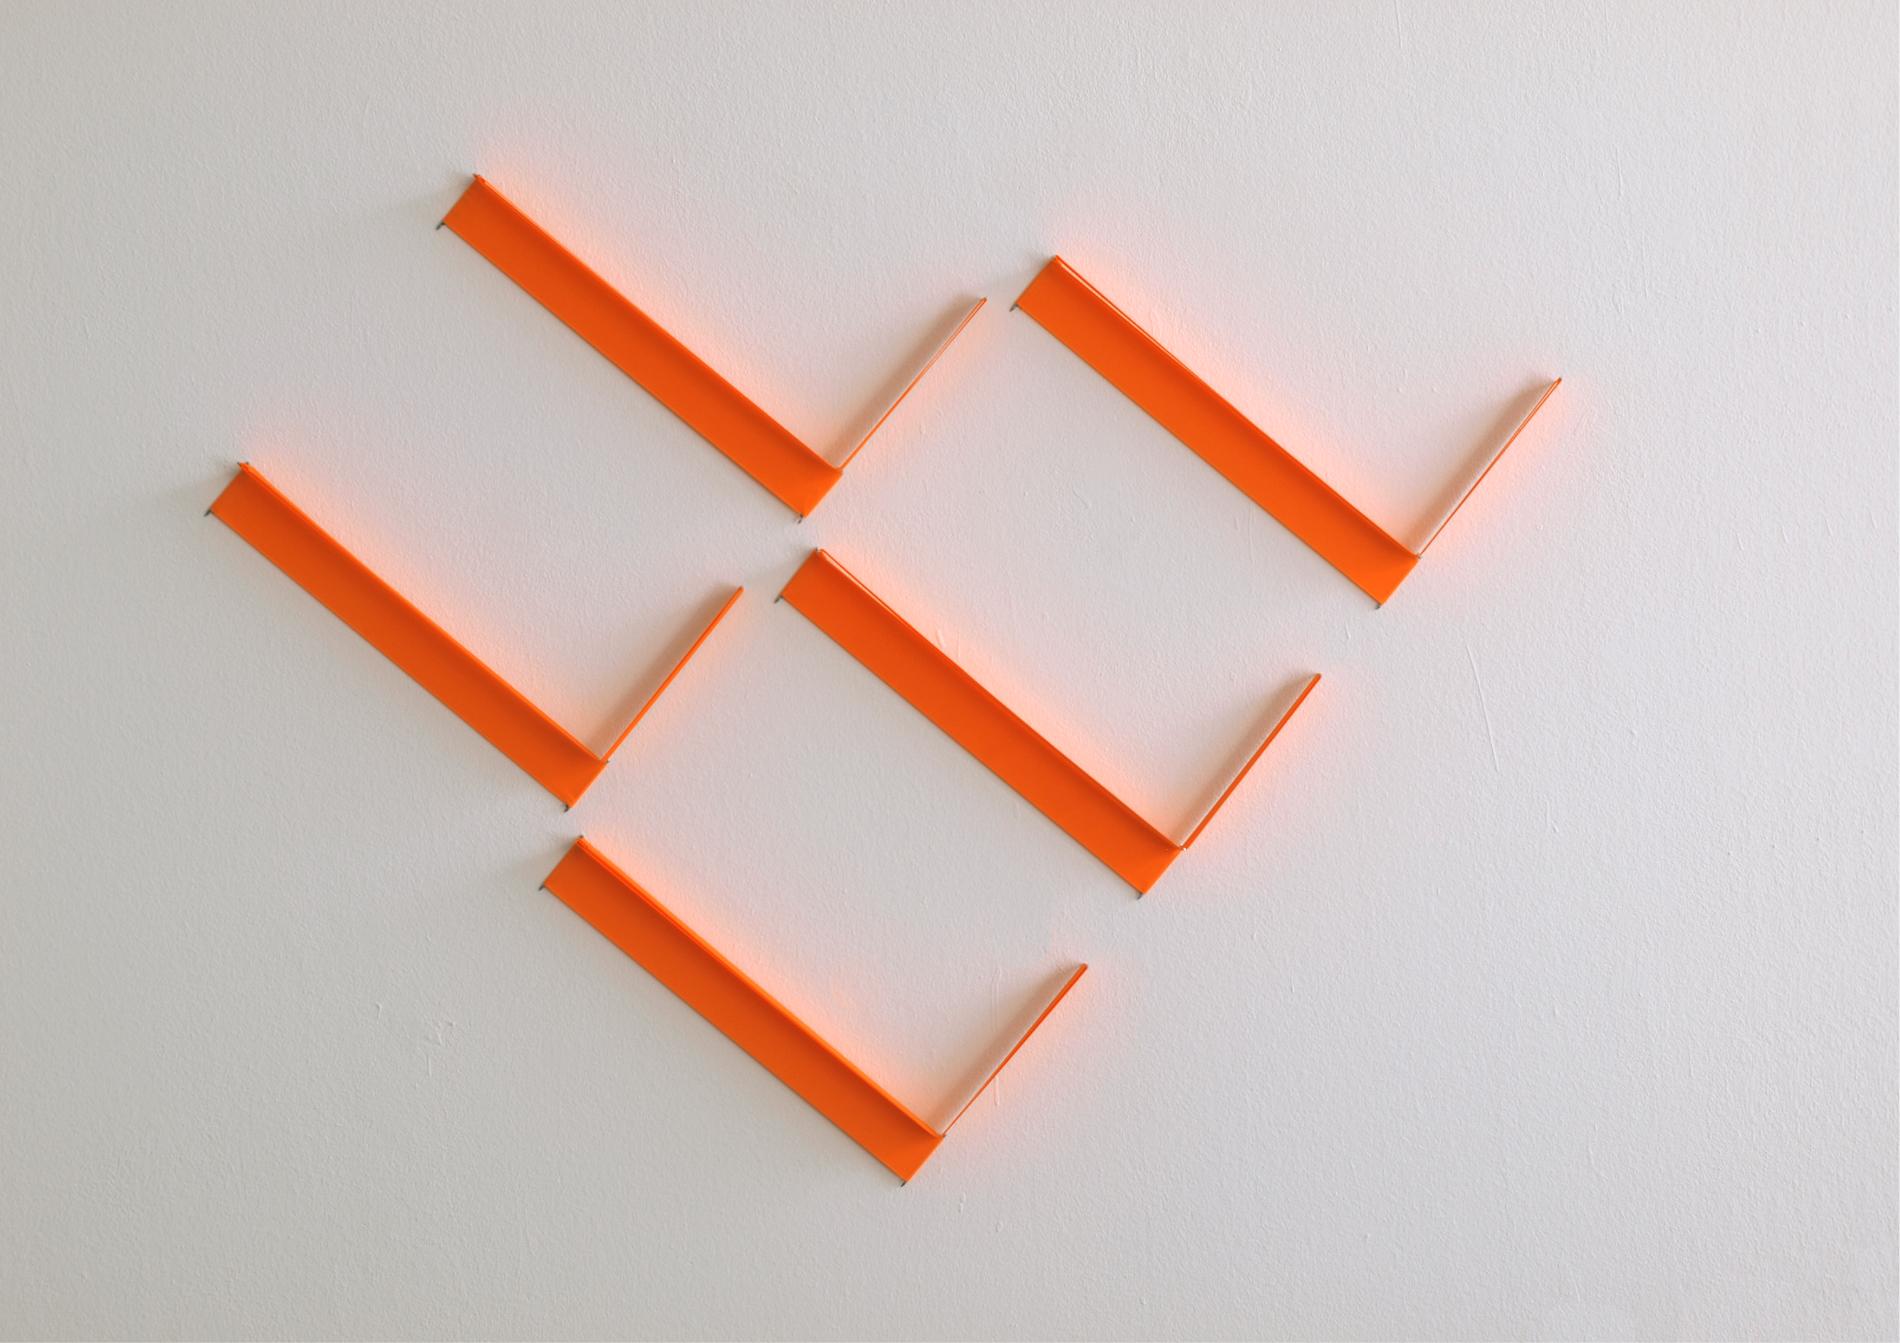 elements #3_2021_tissue neonorange, steel pins_80 x 99 x 3 cm